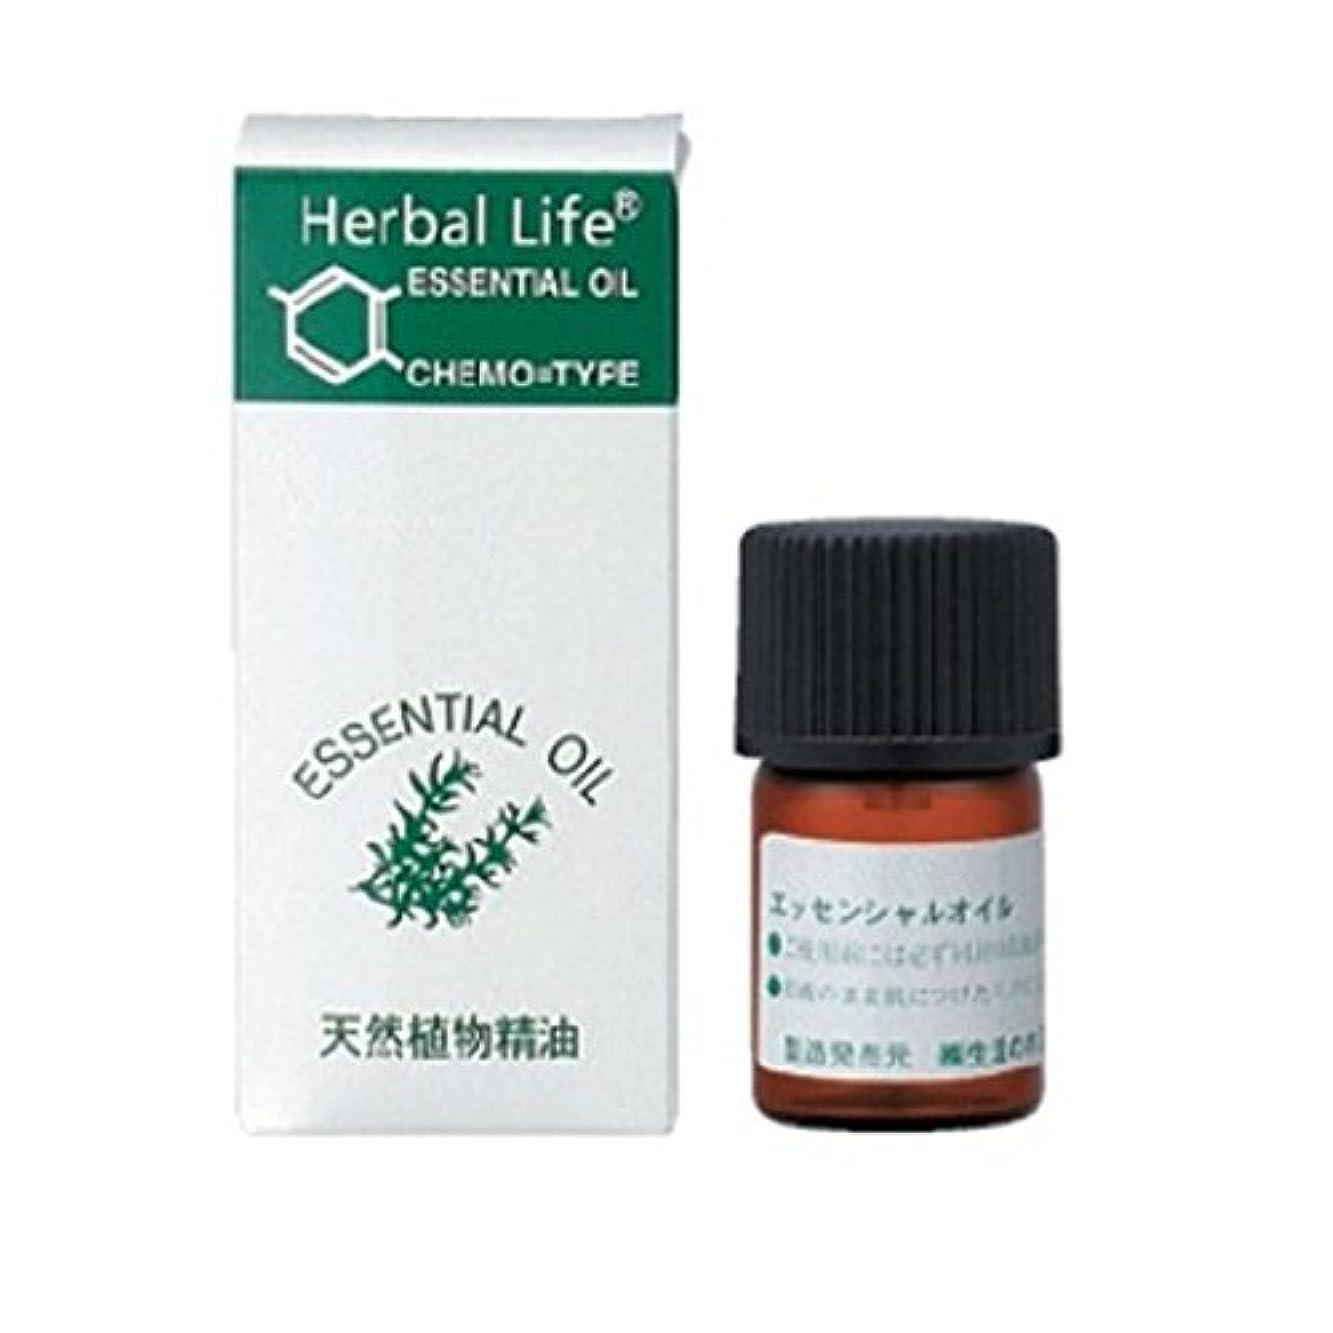 贅沢なヘロイン生活の木 エッセンシャルオイル パチュリ 3ml 08-449-3190